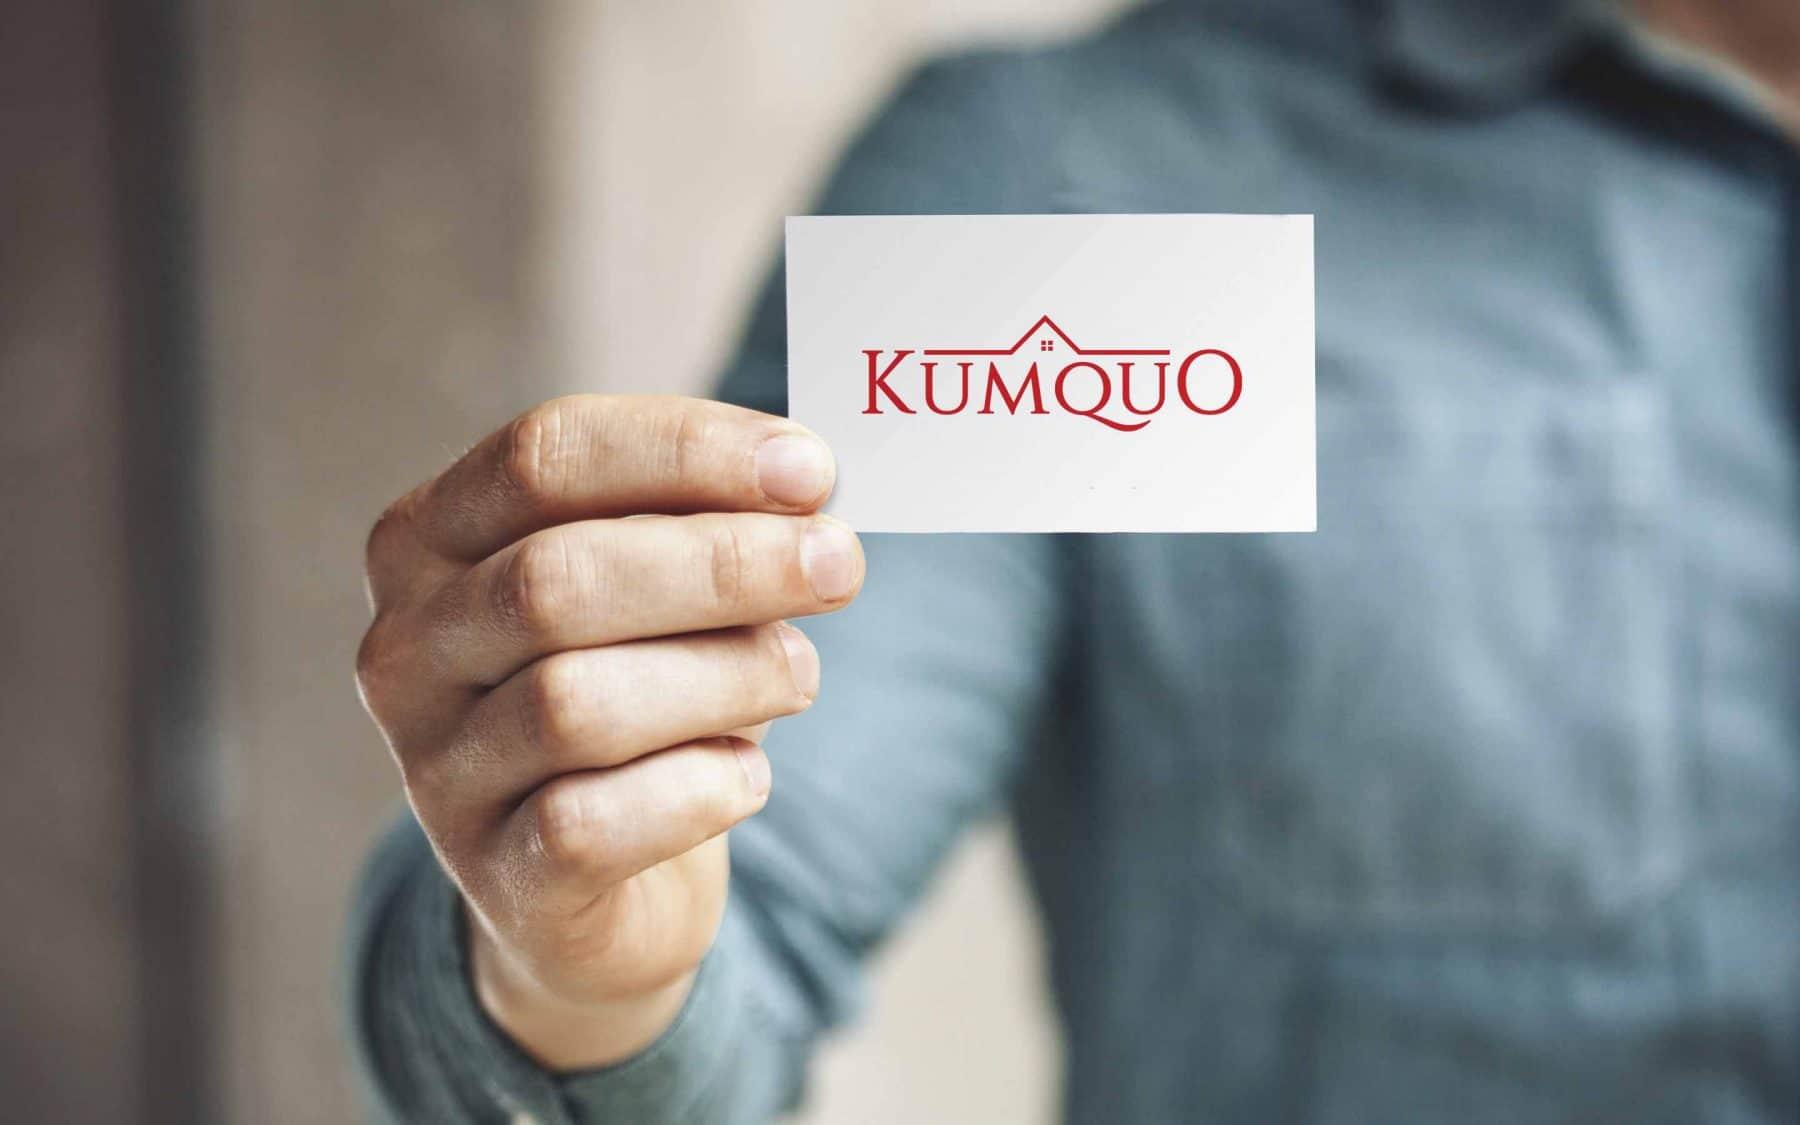 Kumquo 1